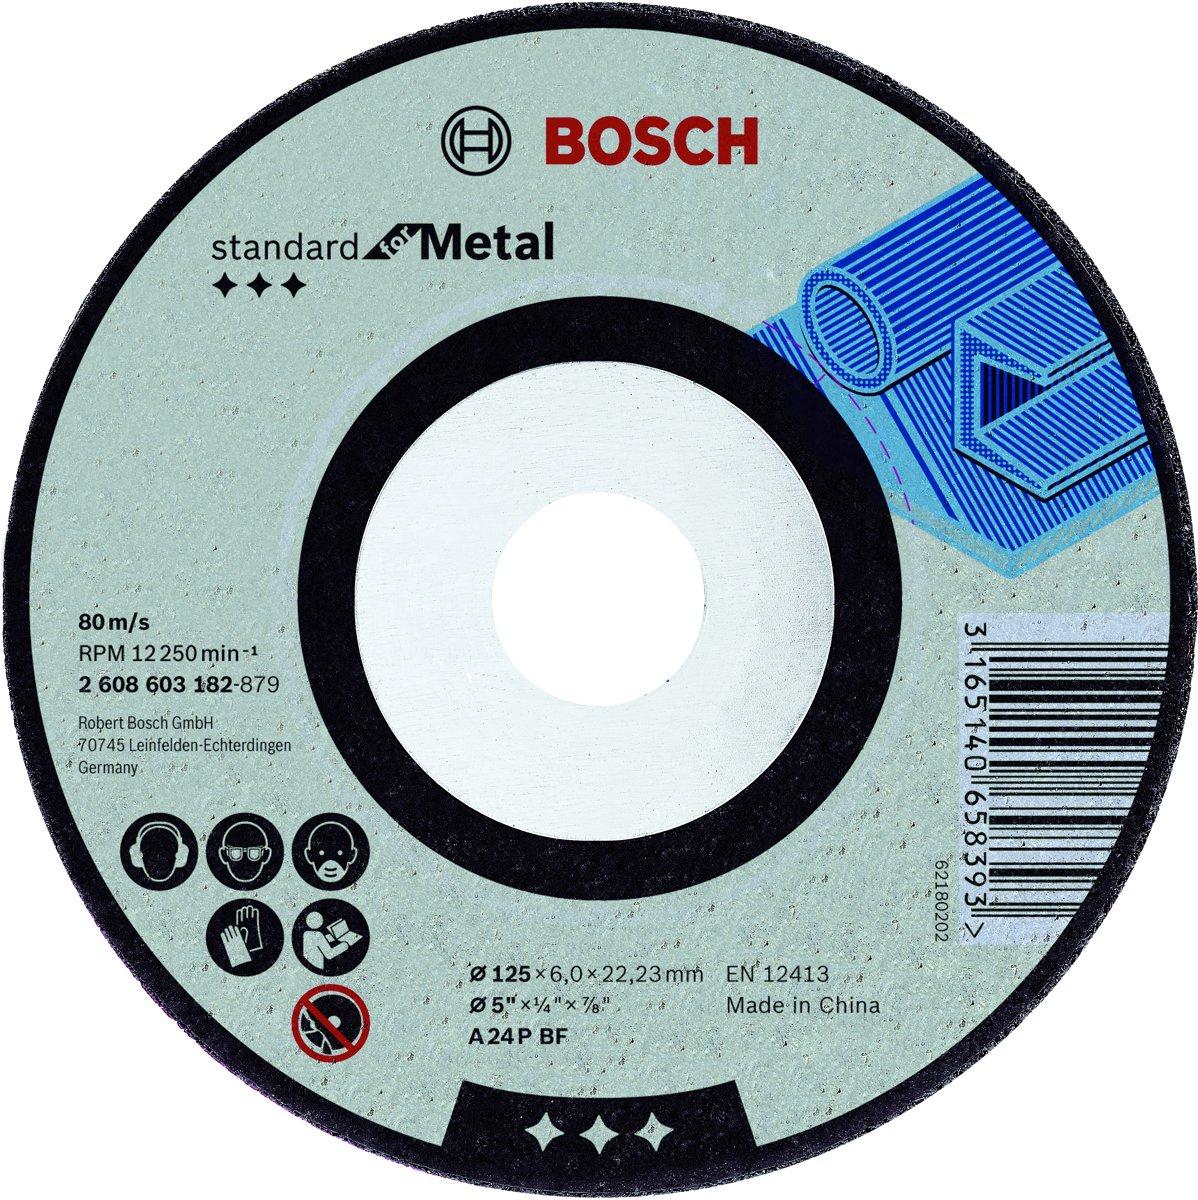 Afbraamschijf gebogen Standard for Metal A 24 P BF, 230 mm, 22,23 mm, 6,0 mm 1st kopen